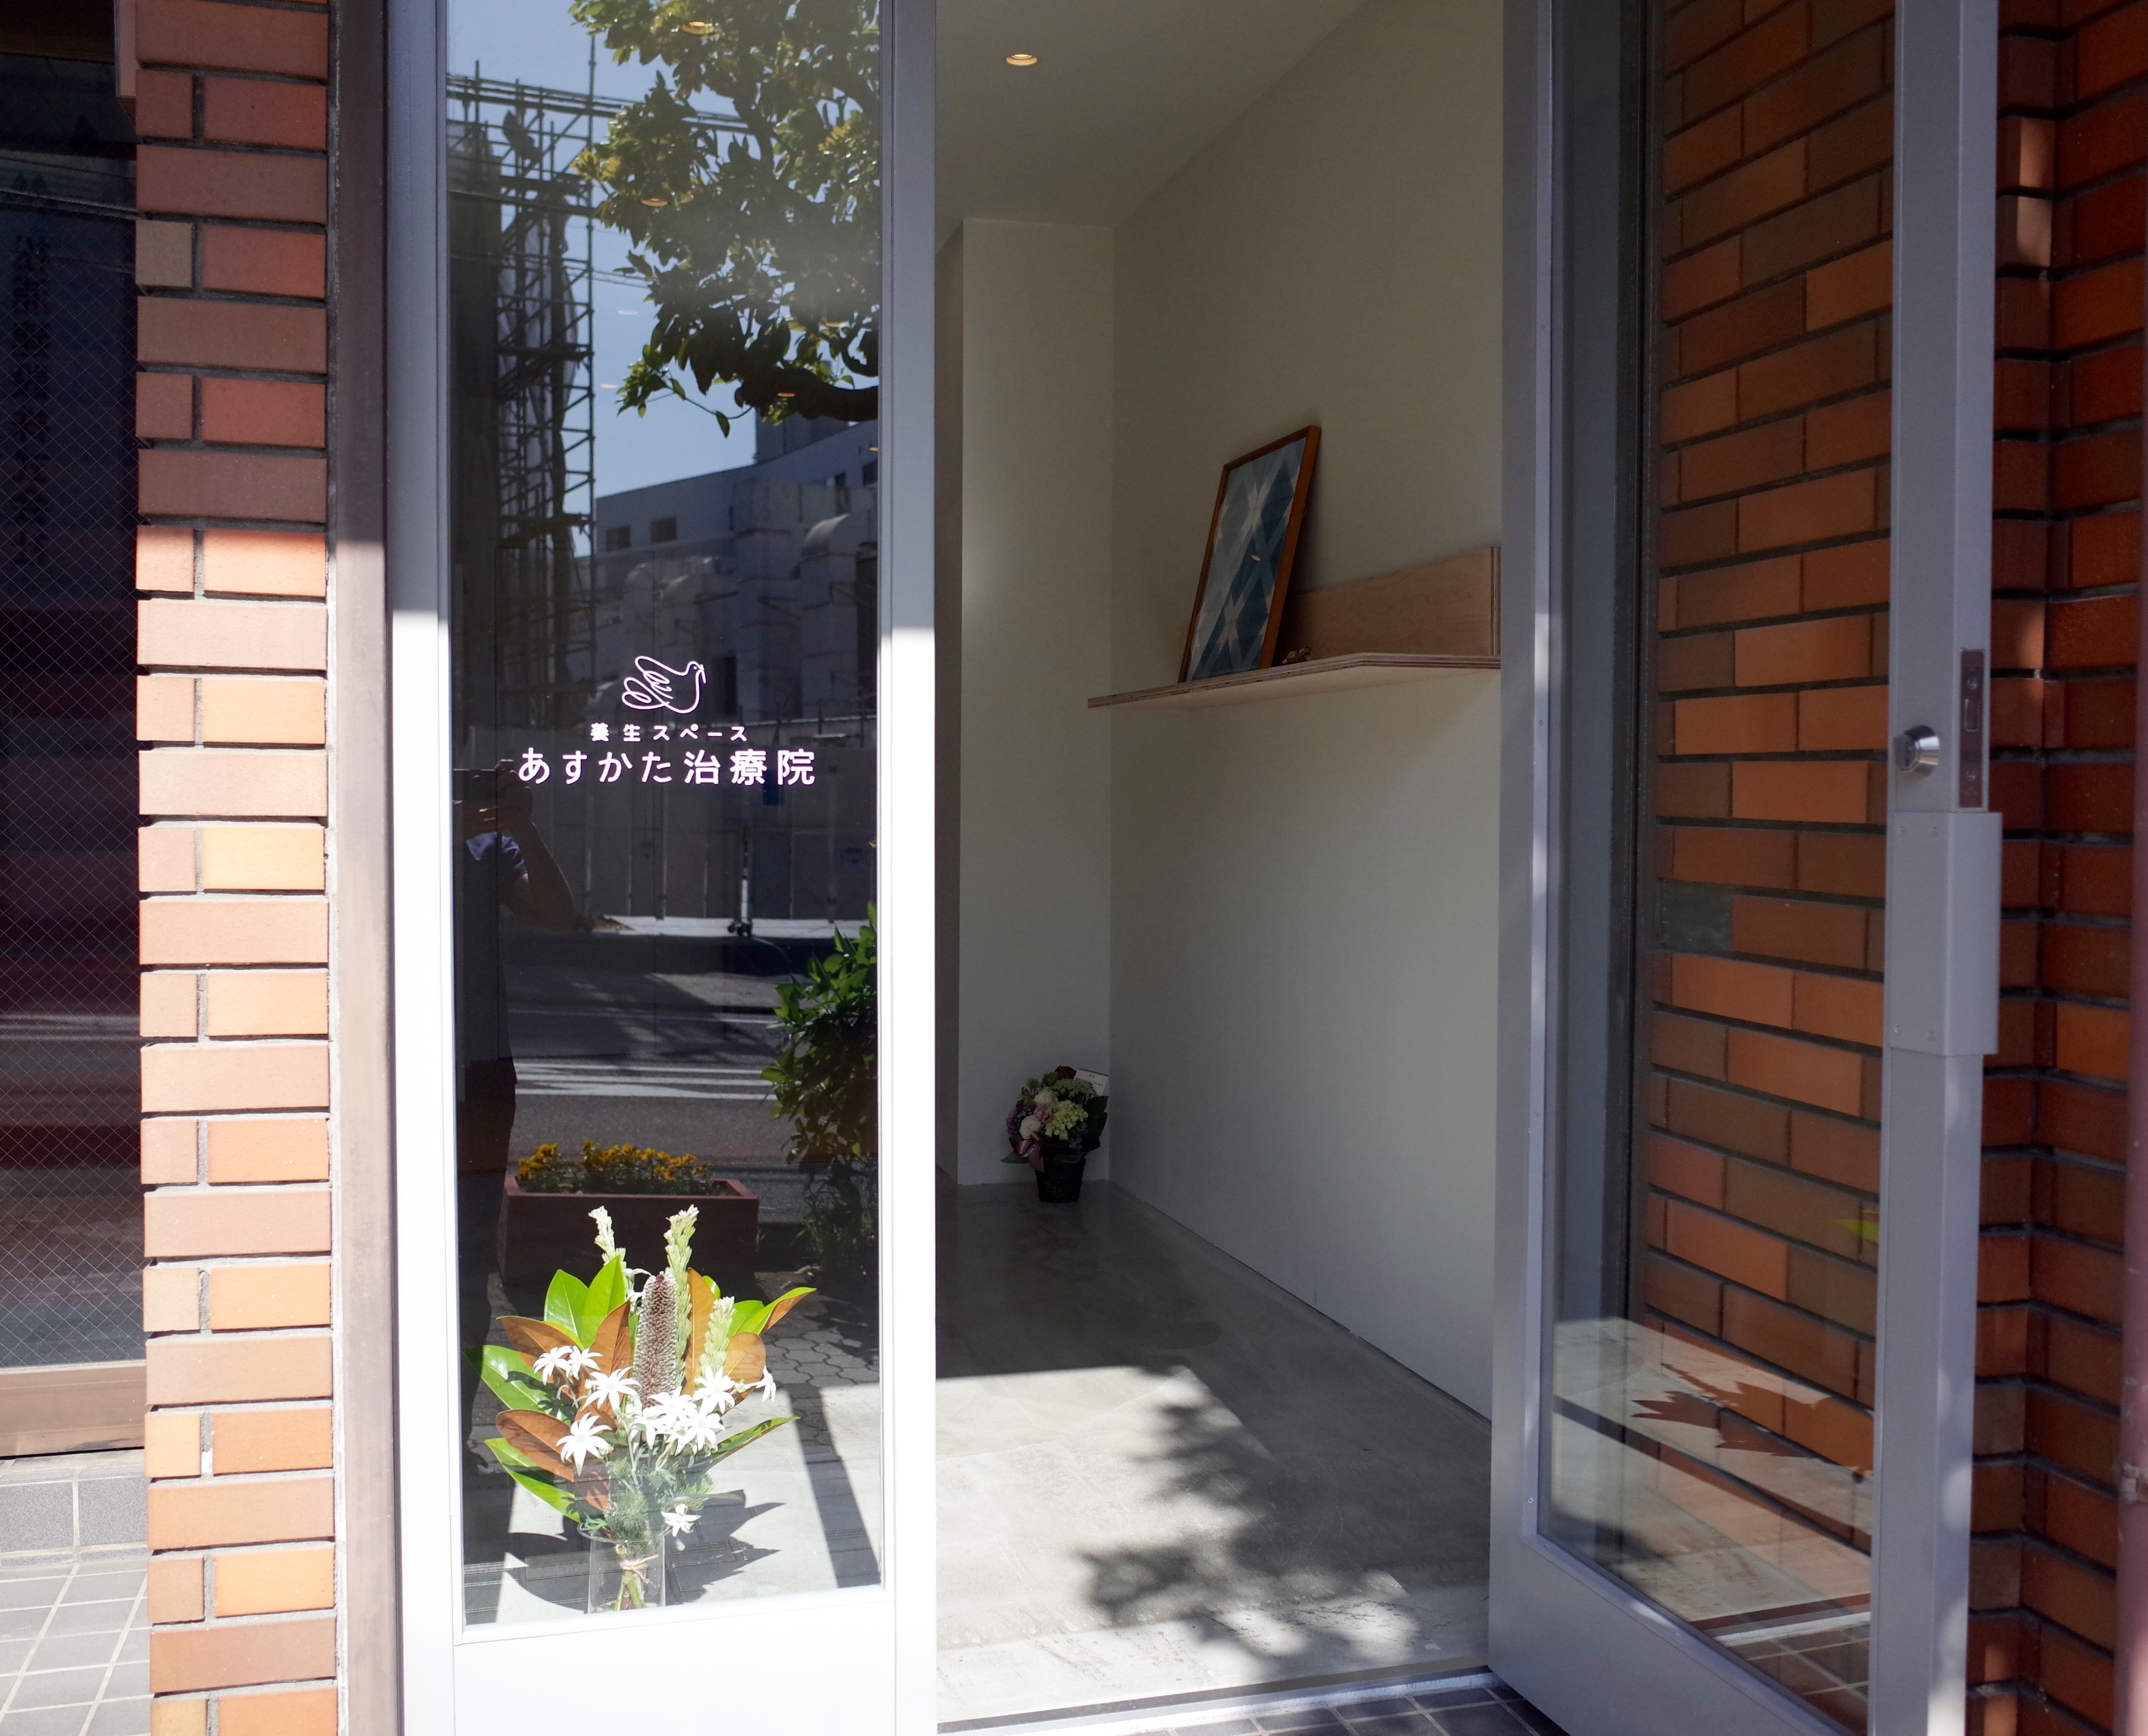 小田原市城山 あすかた治療院  | 3か月以上続く慢性症状に特化した治療院の外観写真